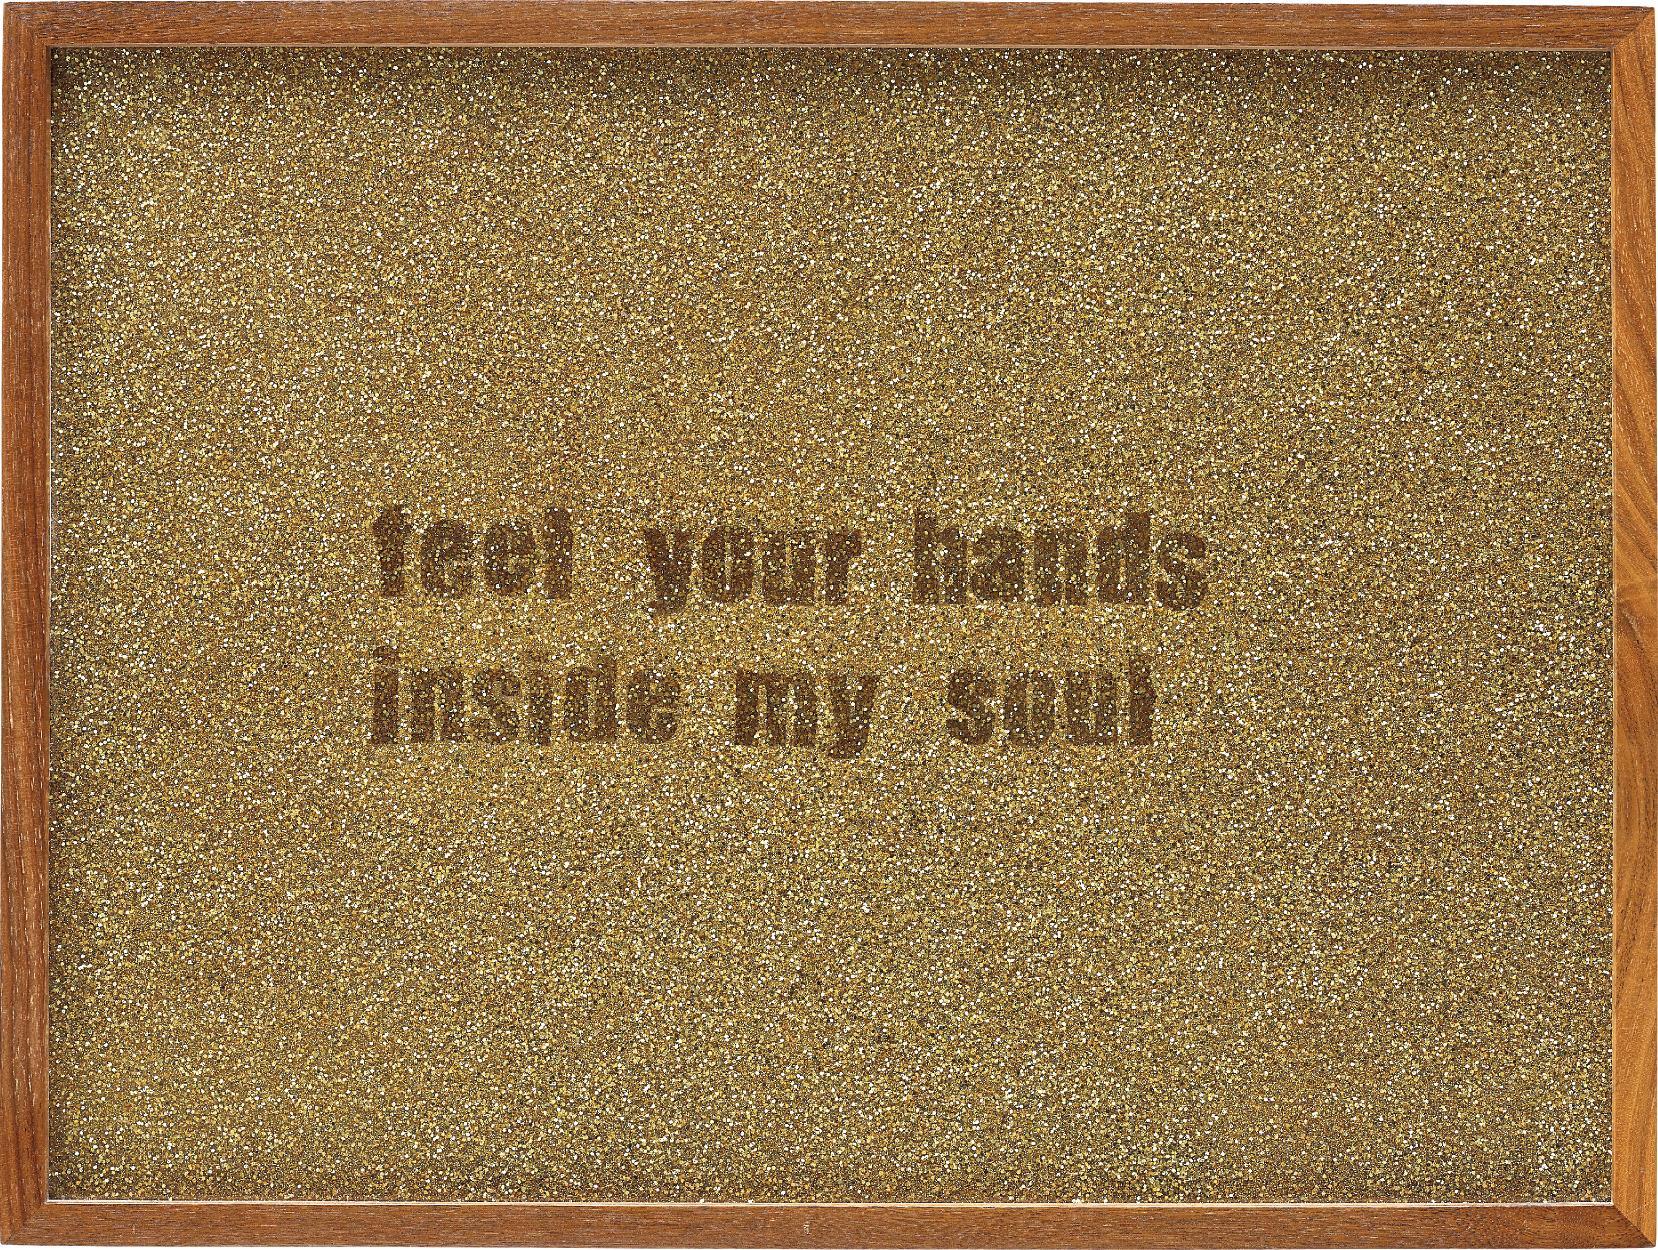 Walead Beshty-Feel Your Hands Inside My Soul-2005